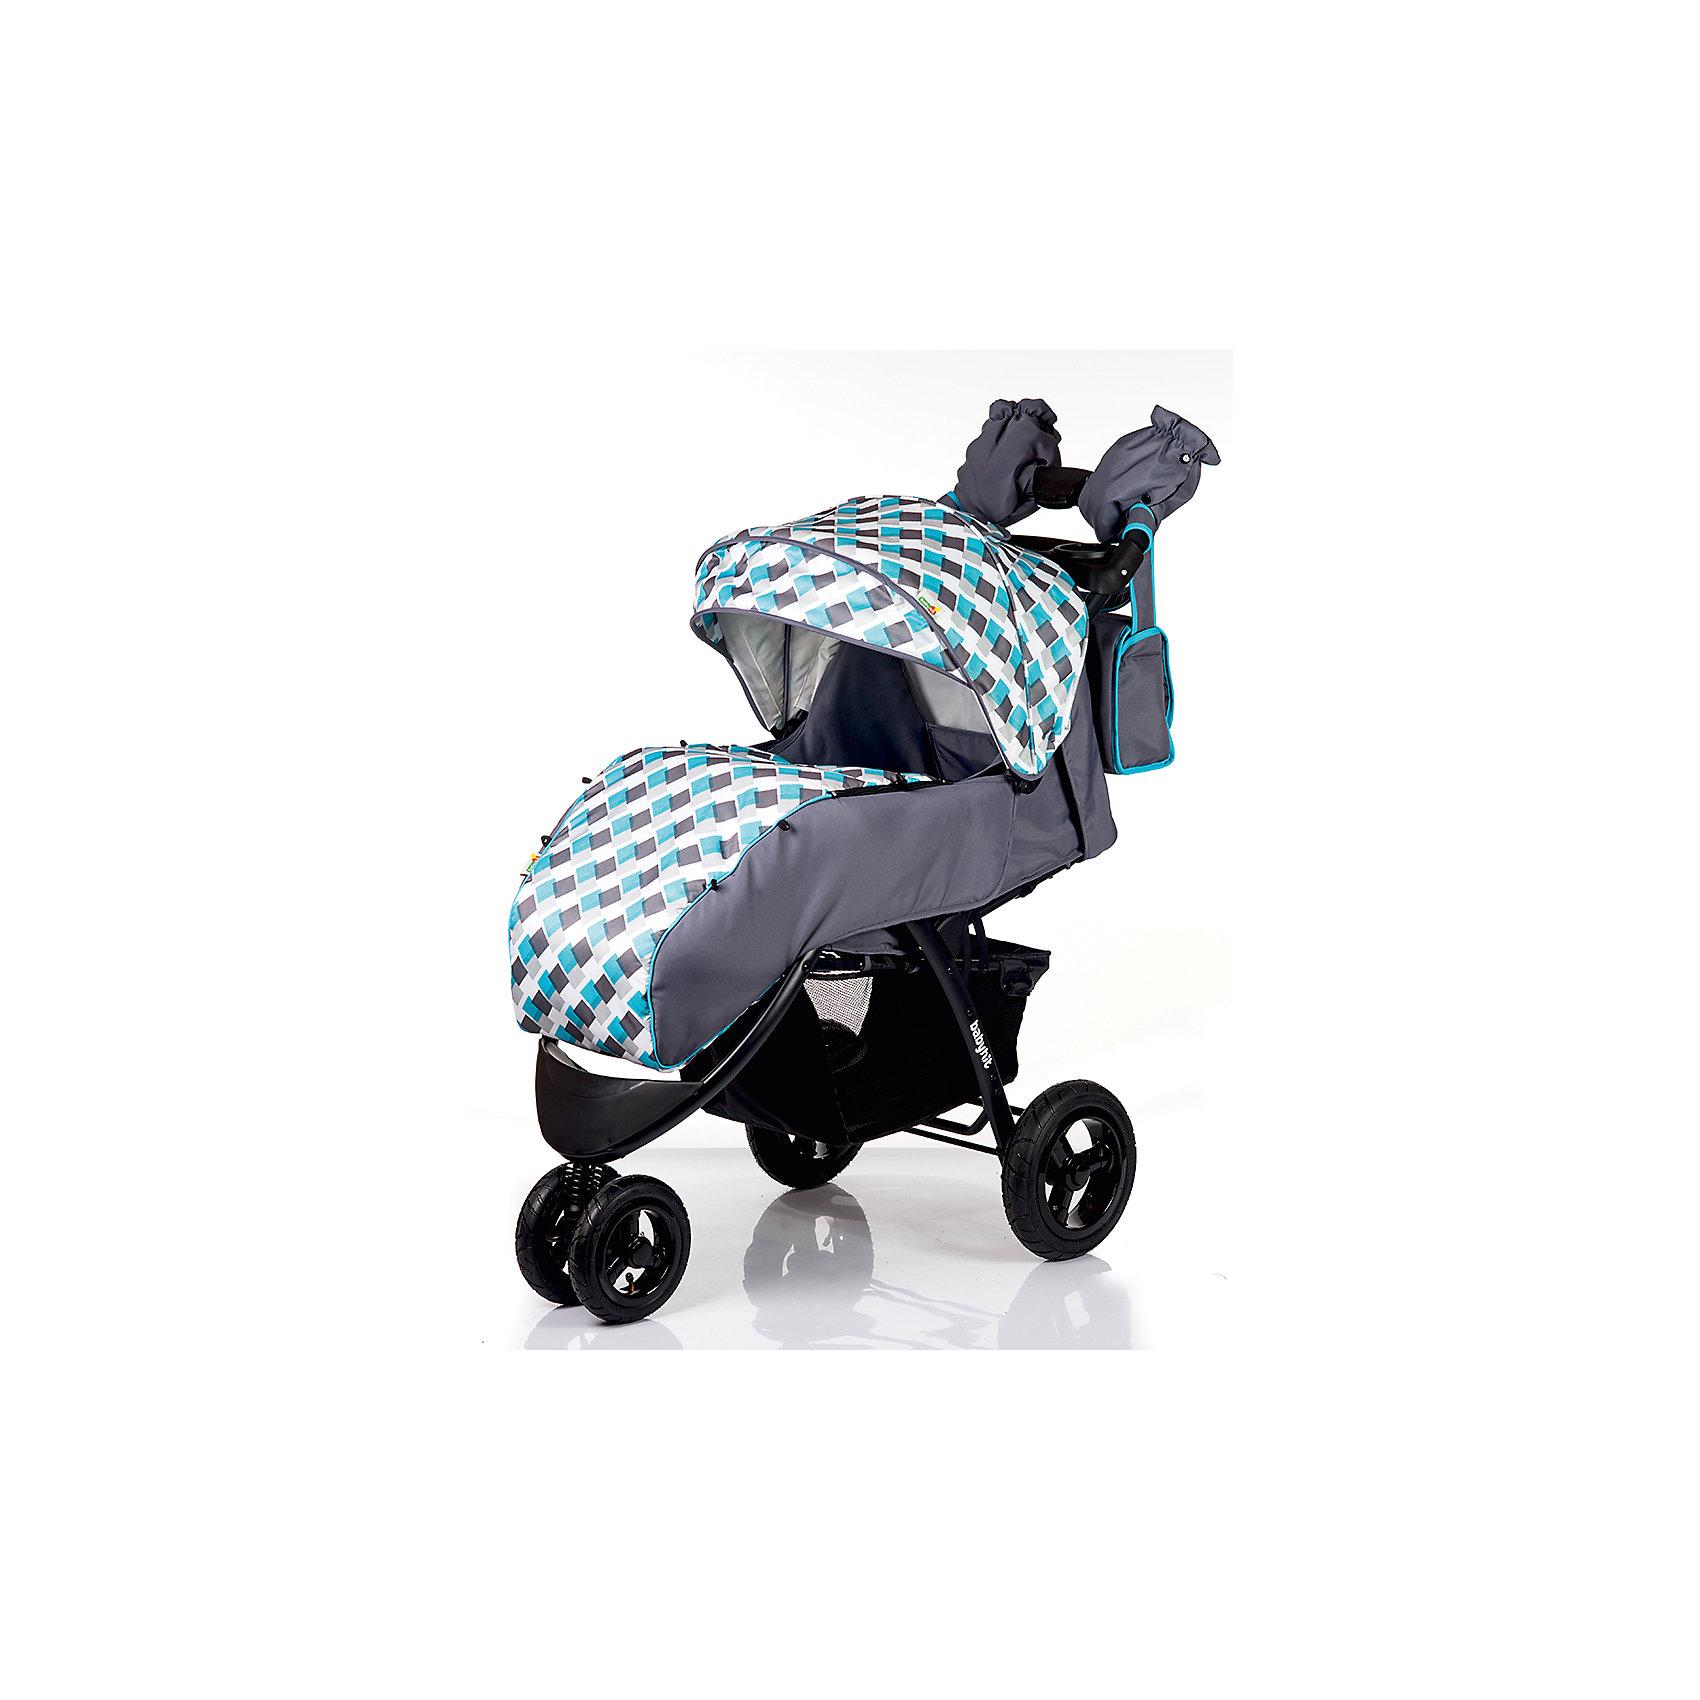 Прогулочная коляска BabyHit VOYAGE AIR, серый с голубымПрогулочные коляски<br>Характеристики коляски<br><br>Прогулочный блок:<br><br>• горизонтальное положение спинки, угол наклона 170 градусов;<br>• подножка регулируется и удлиняет спальное место;<br>• 5-ти точечные ремни безопасности;<br>• съемный защитный бампер с паховым ограничителем;<br>• столик с подстаканниками и бардачком на ручке;<br>• капюшон-батискаф, опускается до бамера;<br>• калюшон оснащен солнцезащитным козырьком и смотровым окошком;<br>• пластиковая подножка для подросшего малыша;<br>• материал: пластик, полиэстер;<br>• длина спального места: 89 см;<br>• ширина сиденья: 34 см<br>• высота спинки: 40 см;<br>• глубина сиденья: 25 см.<br><br>Рама коляски:<br><br>• коляска складывается вместе с прогулочным блоком по типу книжки;<br>• легко складывается одной рукой;<br>• коляска в сложенном виде стоит в вертикальном положении;<br>• имеется корзина для покупок;<br>• 3-х колесная коляска;<br>• колеса надувные;<br>• плавающее переднее колесо с фиксаторами;<br>• задние надувные колеса;<br>• диаметр колес: 19,5 см, 26 см;<br>• материал колес: псевдорезина;<br>• материал рамы: алюминий.<br><br>Размер коляски: 103х57х108 см<br>Размер коляски в сложенном виде: 100х57х34 см<br>Вес коляски: 13,1 кг<br>Размер упаковки: 51х48х30 см<br>Вес в упаковке: 16,8 кг<br><br>Дополнительные аксессуары, входящие в комплект:<br><br>• чехол на ножки;<br>• дождевик;<br>• москитная сетка;<br>• сумка для мамы;<br>• муфта для рук;<br>• инструкция.<br><br>Прогулочную коляску VOYAGE AIR, Babyhit, серую с голубым можно купить в нашем интернет-магазине.<br><br>Ширина мм: 480<br>Глубина мм: 300<br>Высота мм: 510<br>Вес г: 16850<br>Возраст от месяцев: 7<br>Возраст до месяцев: 36<br>Пол: Унисекс<br>Возраст: Детский<br>SKU: 5500320